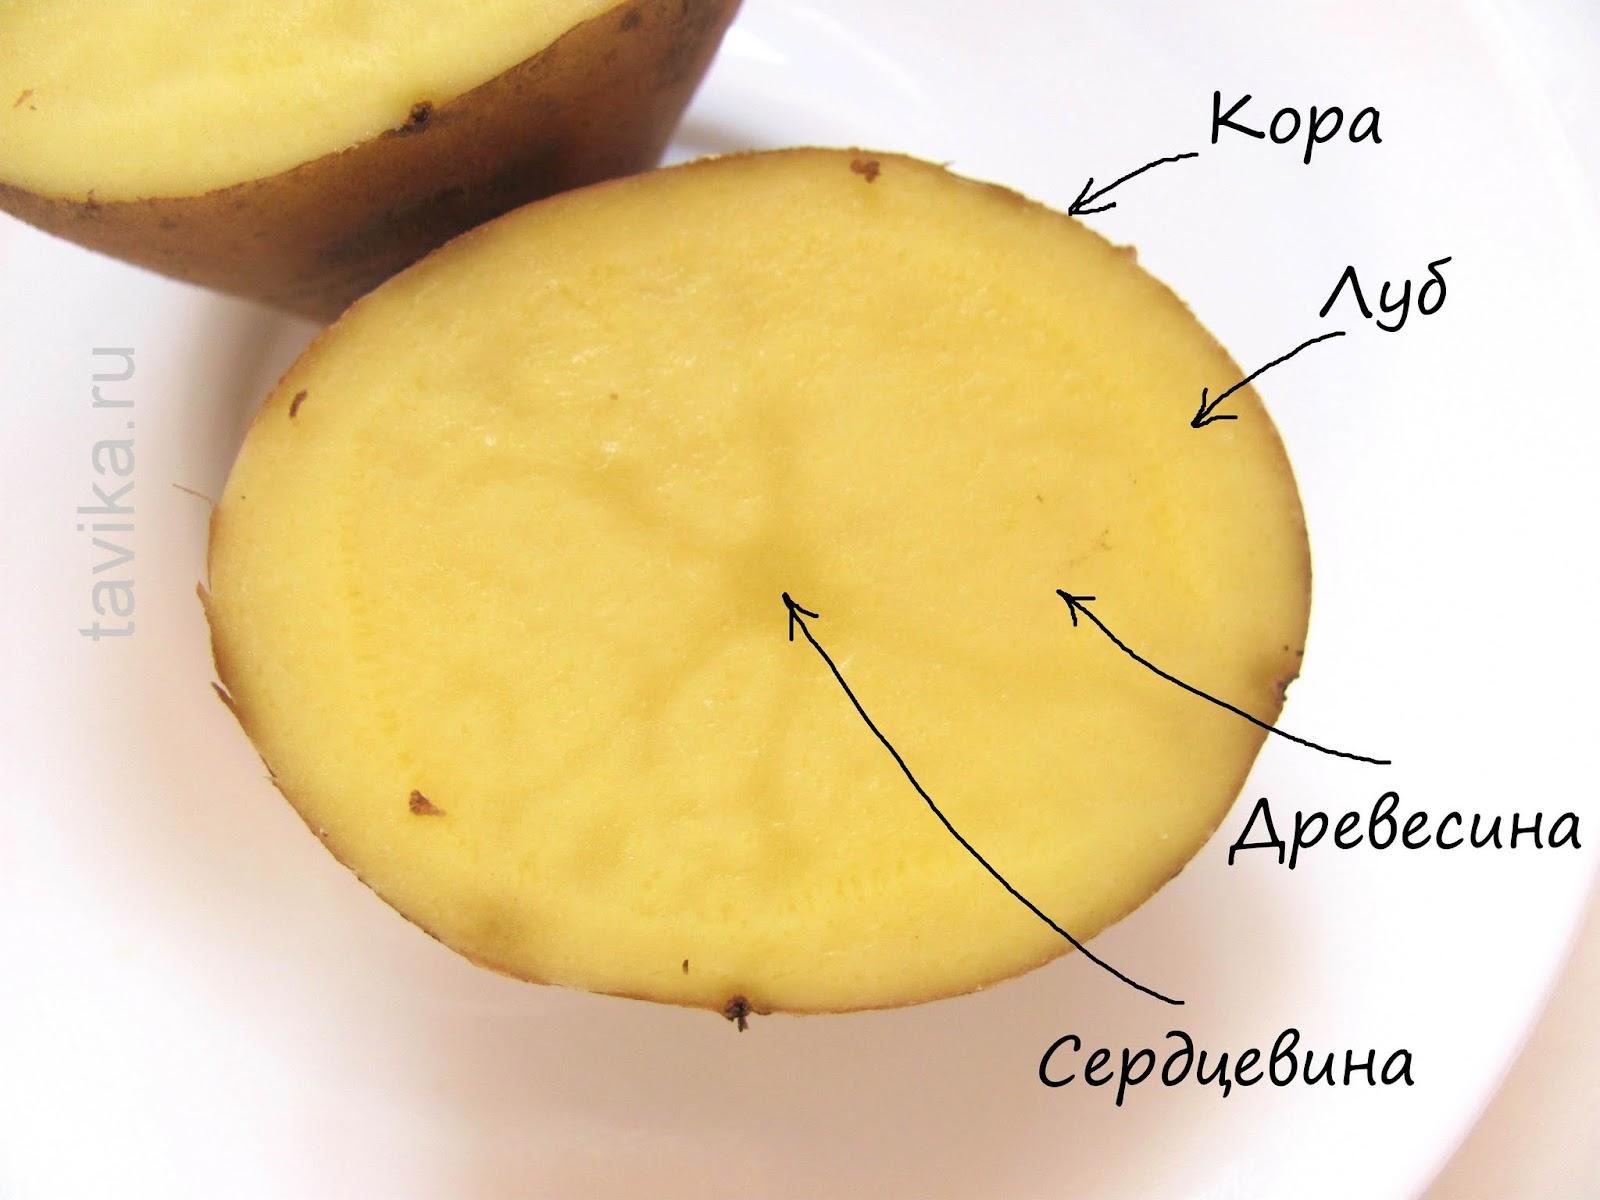 Клубень картофеля - строение в разрезе